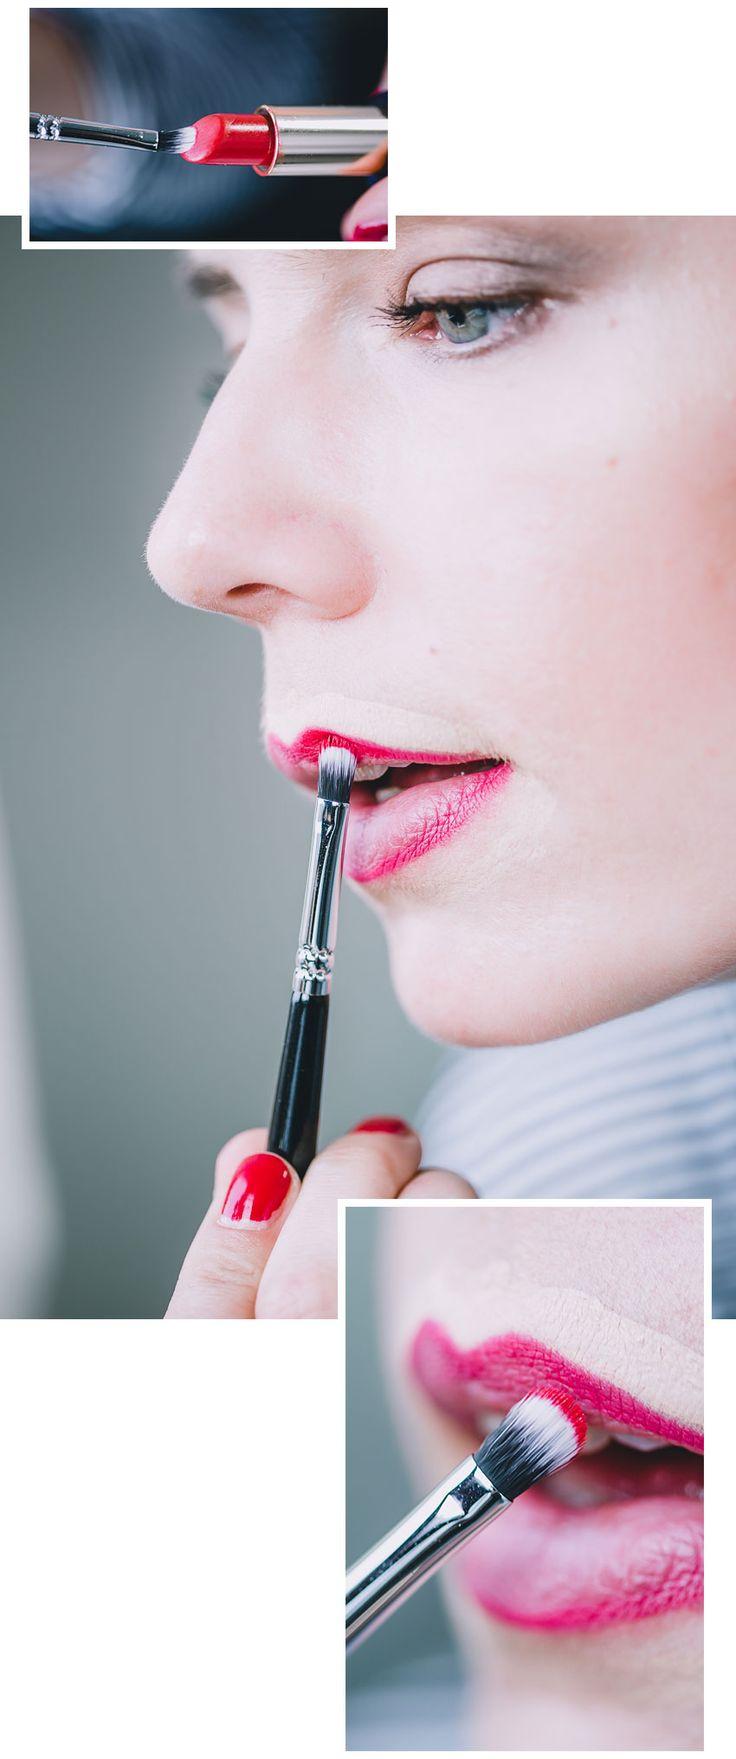 Lippenstift richtig auftragen, damit rote Lippen richtig schön aussehen. Anleitung zum Auftrag von knalligem Lippenstift.